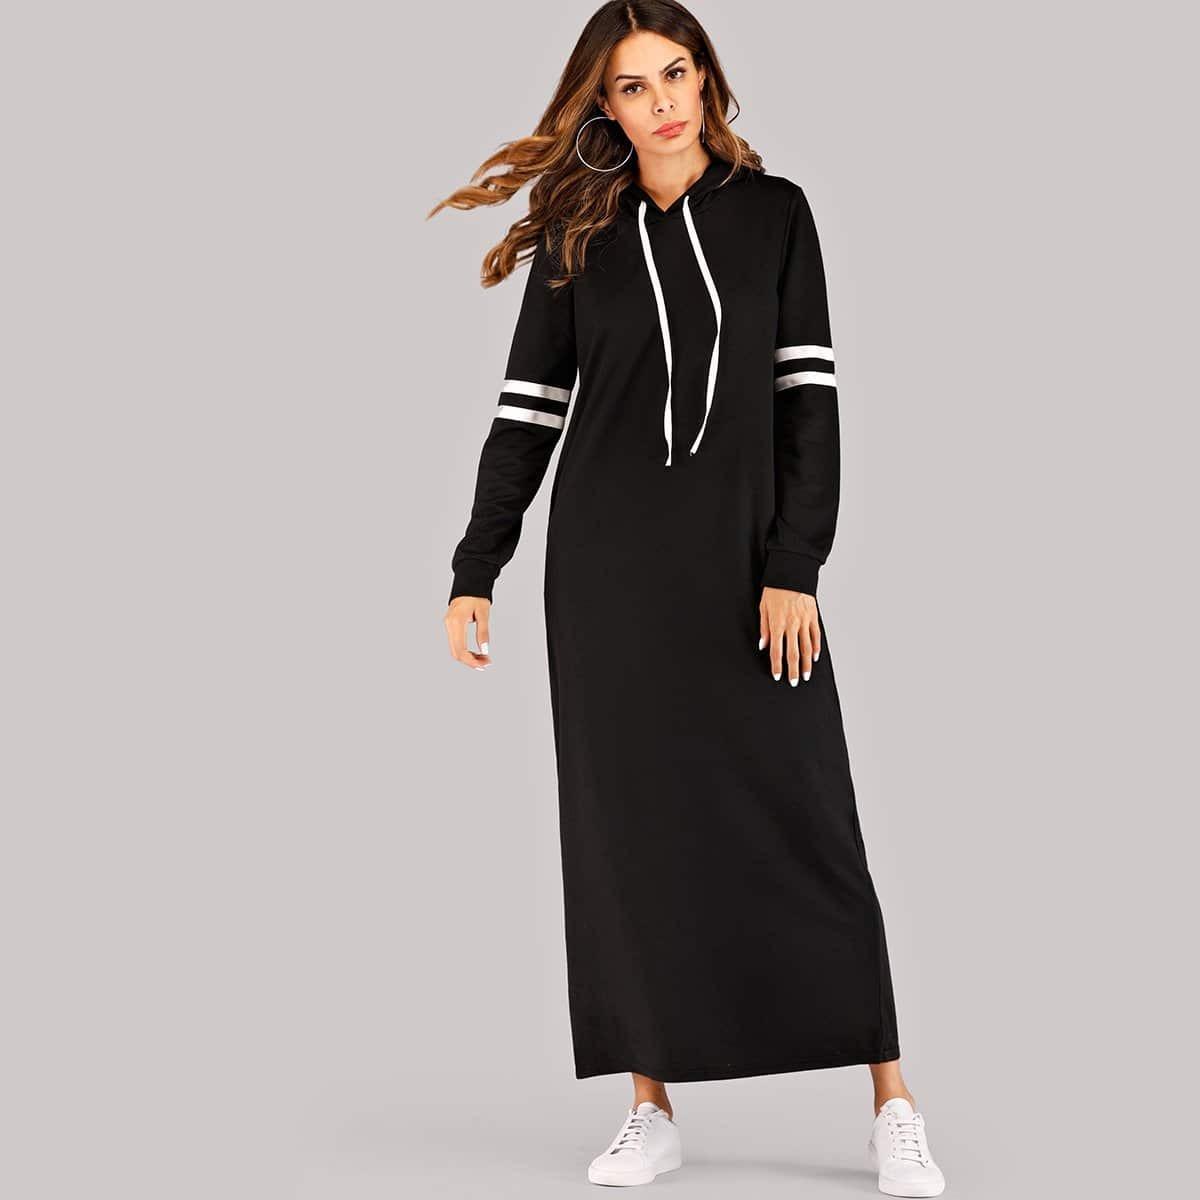 Контрастное платье-свитшот с капюшоном в полоску